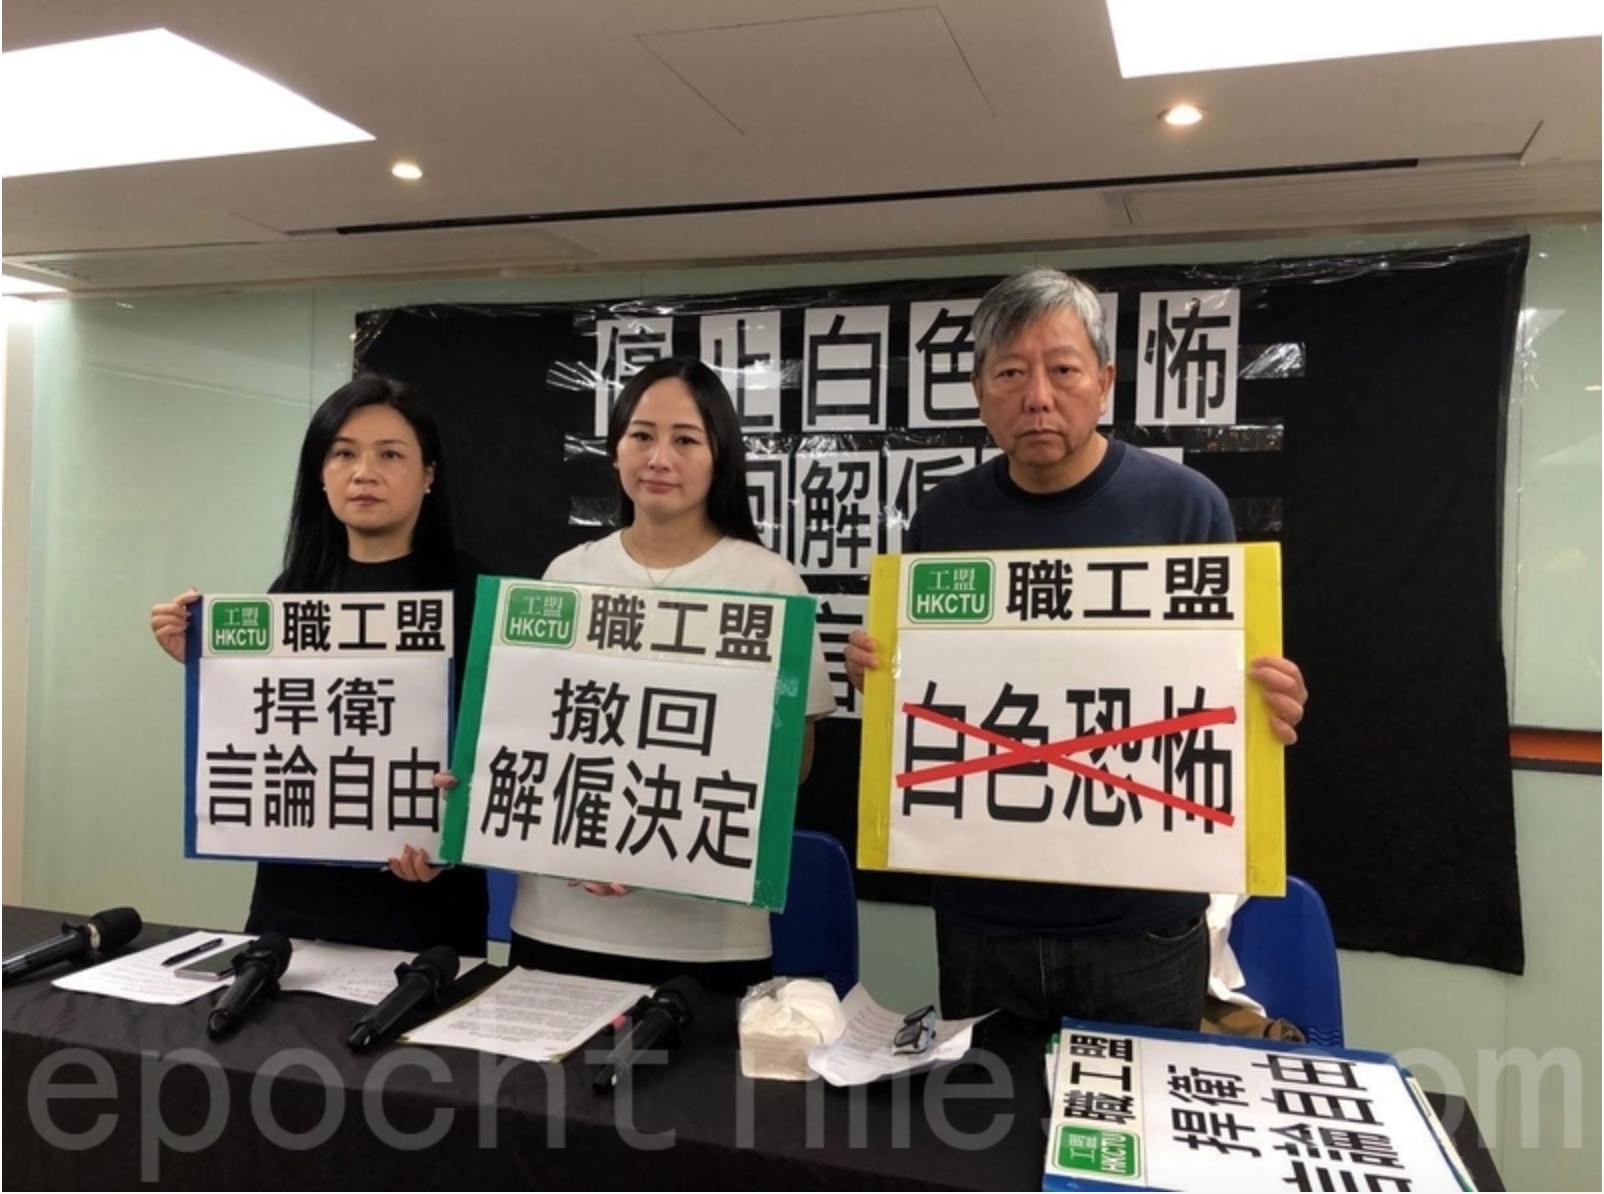 香港國泰港龍空勤人員協會主席施安娜(中)、香港職工盟主席吳敏兒(左)和前香港立法會議員李卓人(右)23日下午召開新聞發布會,譴責國泰航空的無故解雇。(葉依帆/大紀元)